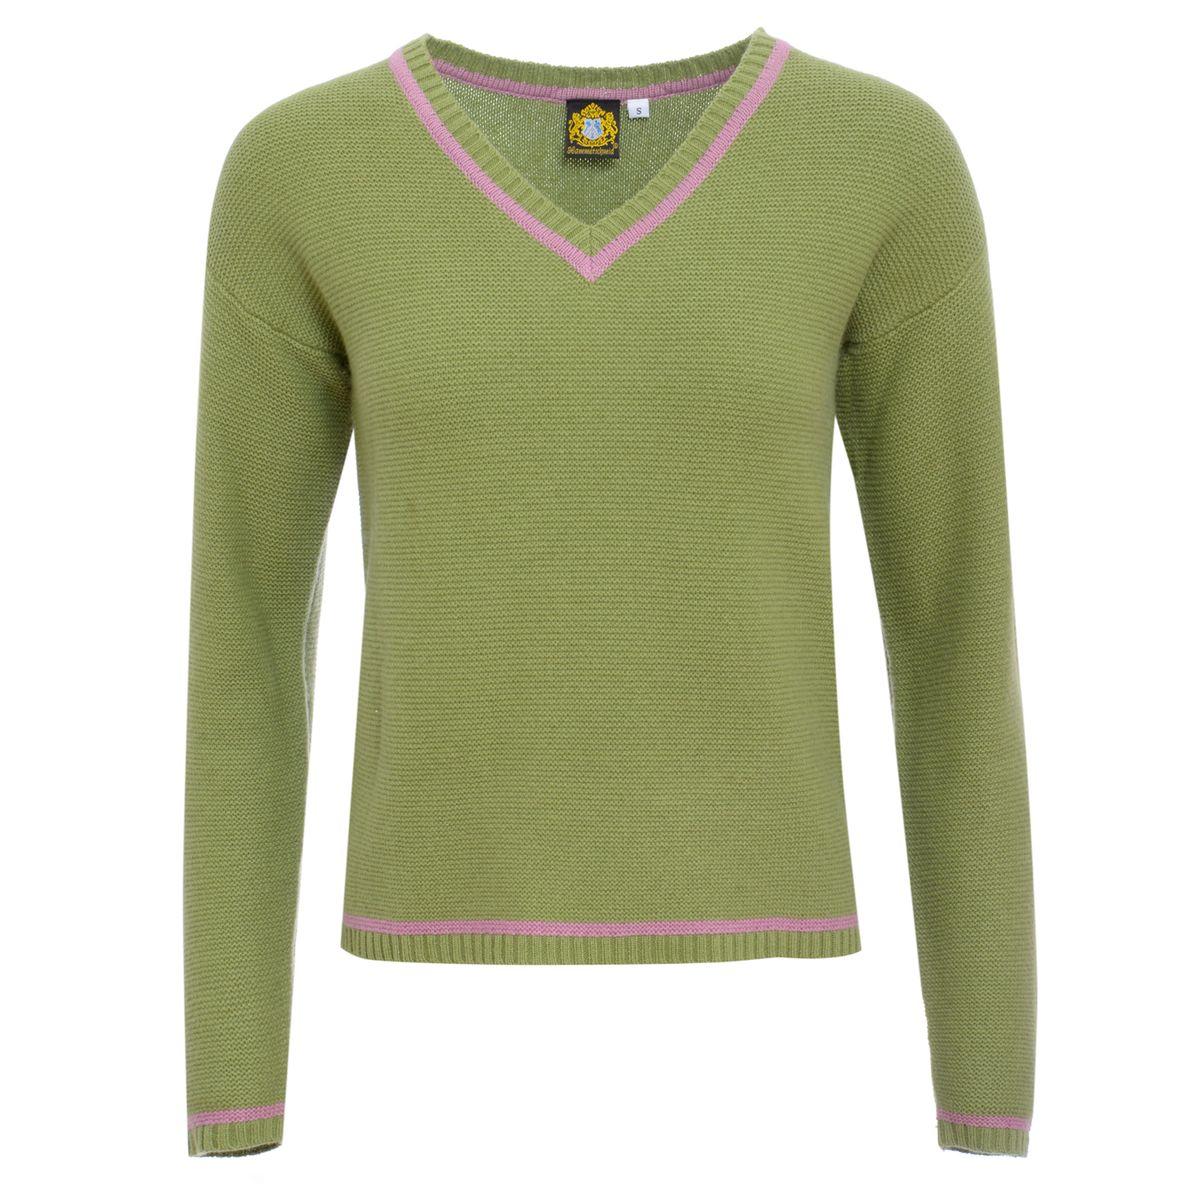 Pullover Valo in Grün von Hammerschmid